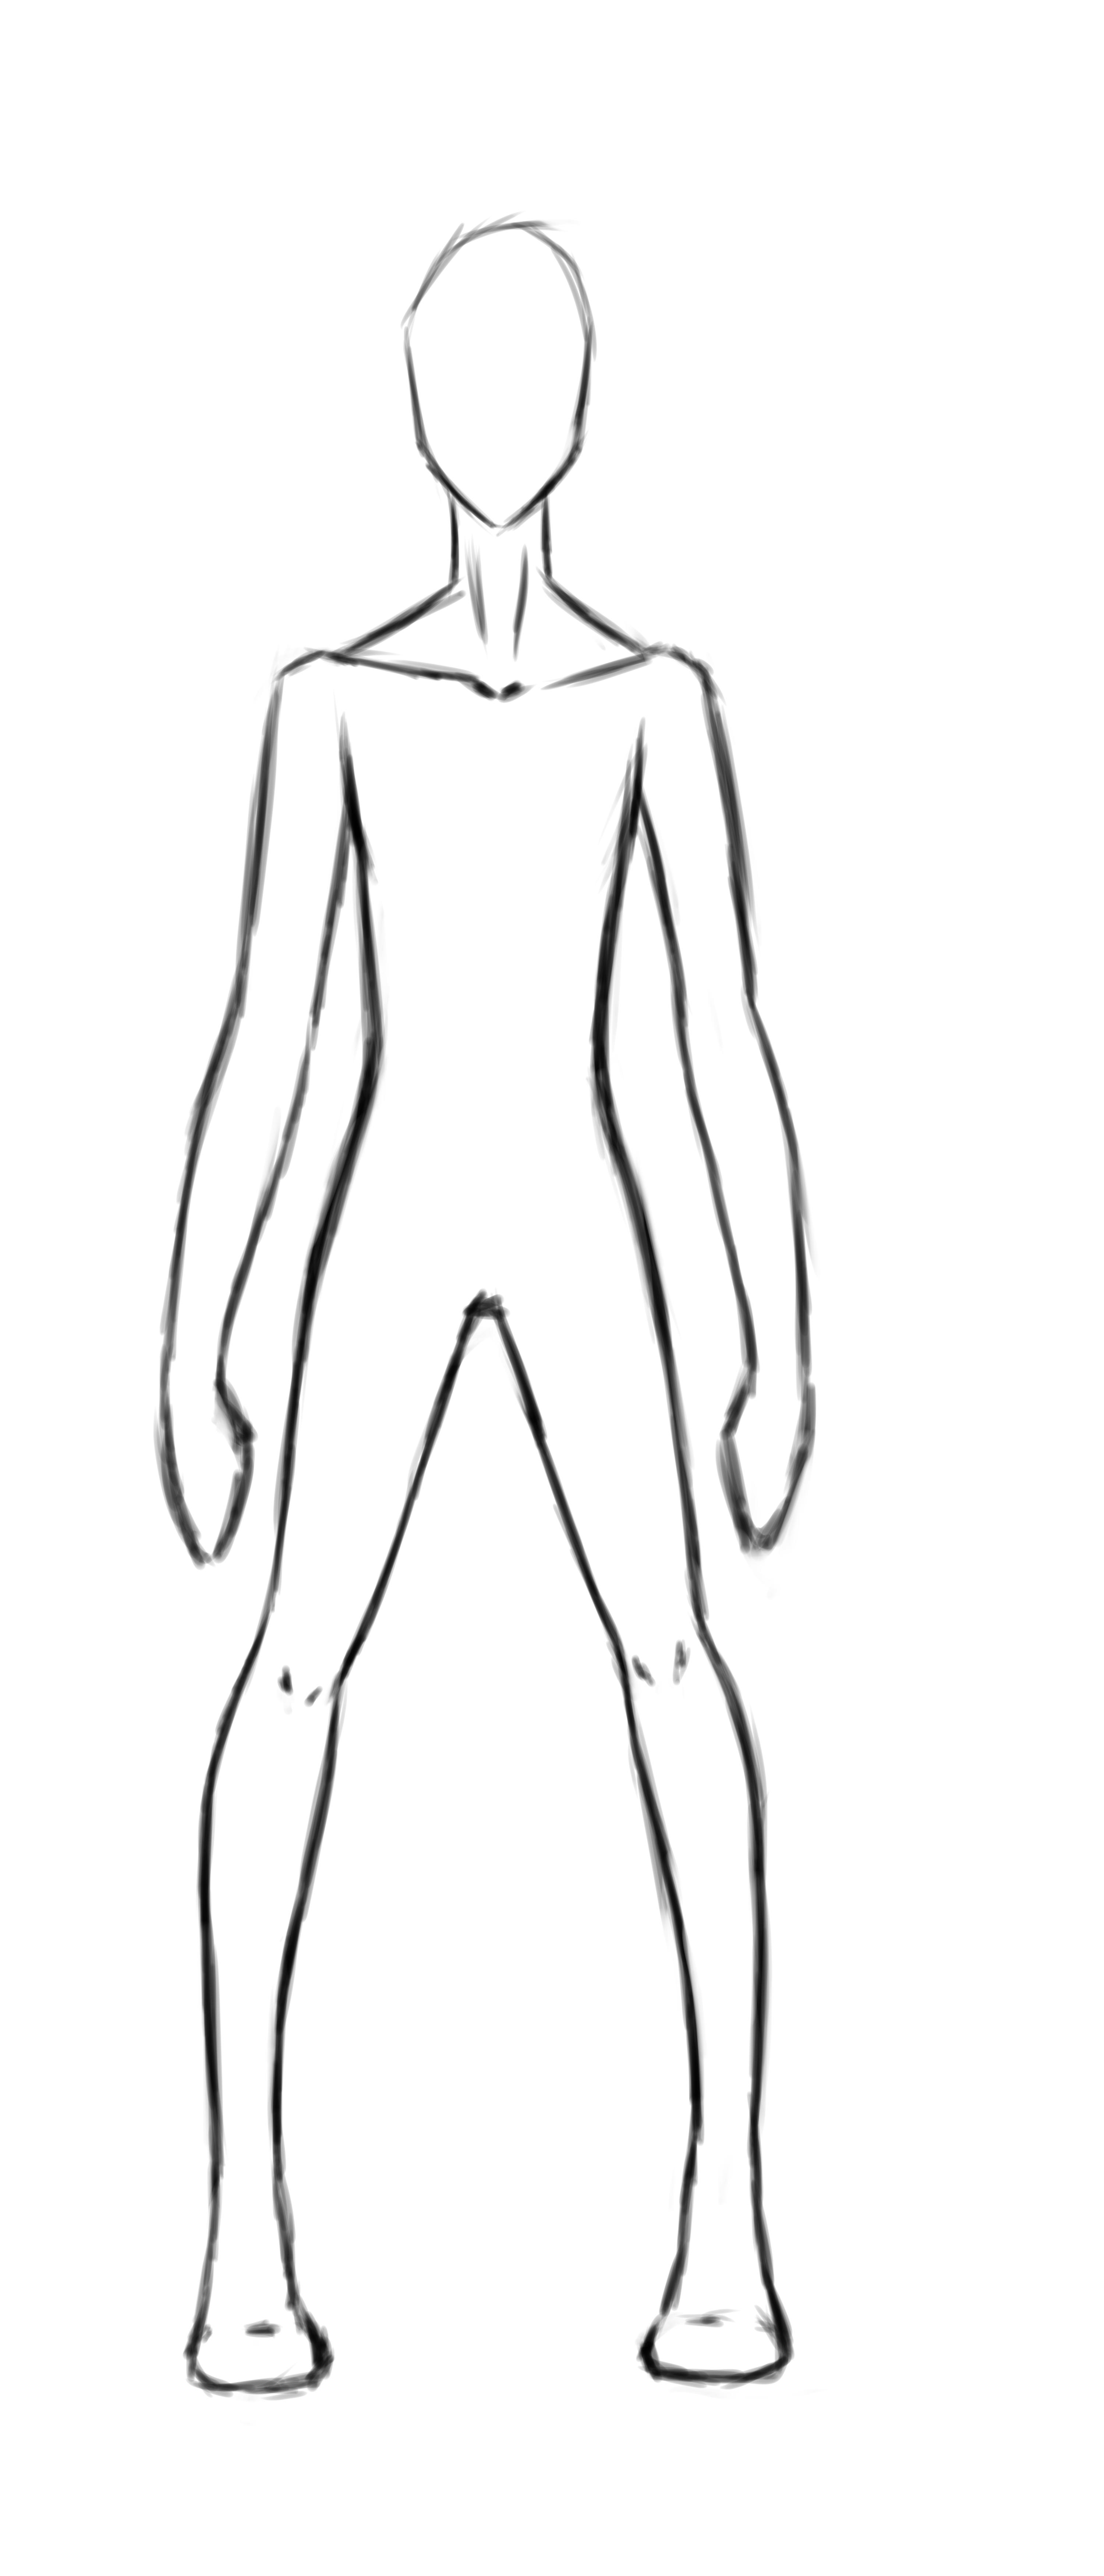 anime boy body how to draw an anime body drawingforallnet body boy anime